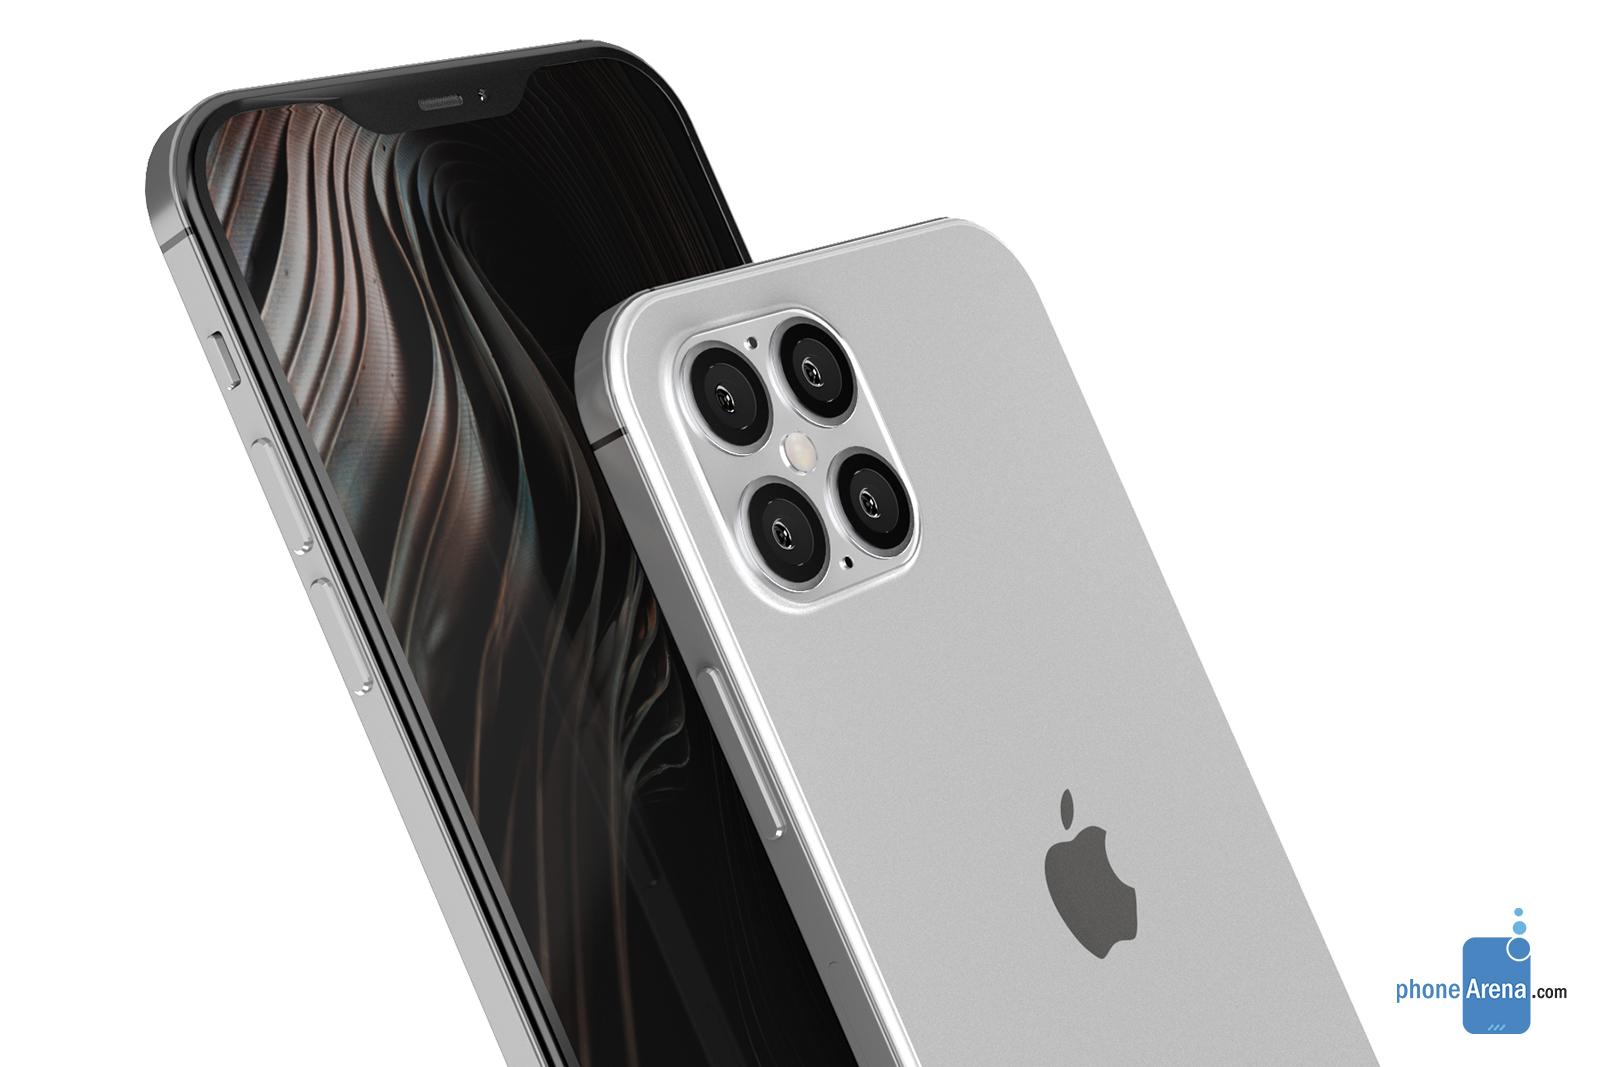 Nei render iPhone 12 con quattro fotocamere ha il notch più piccolo